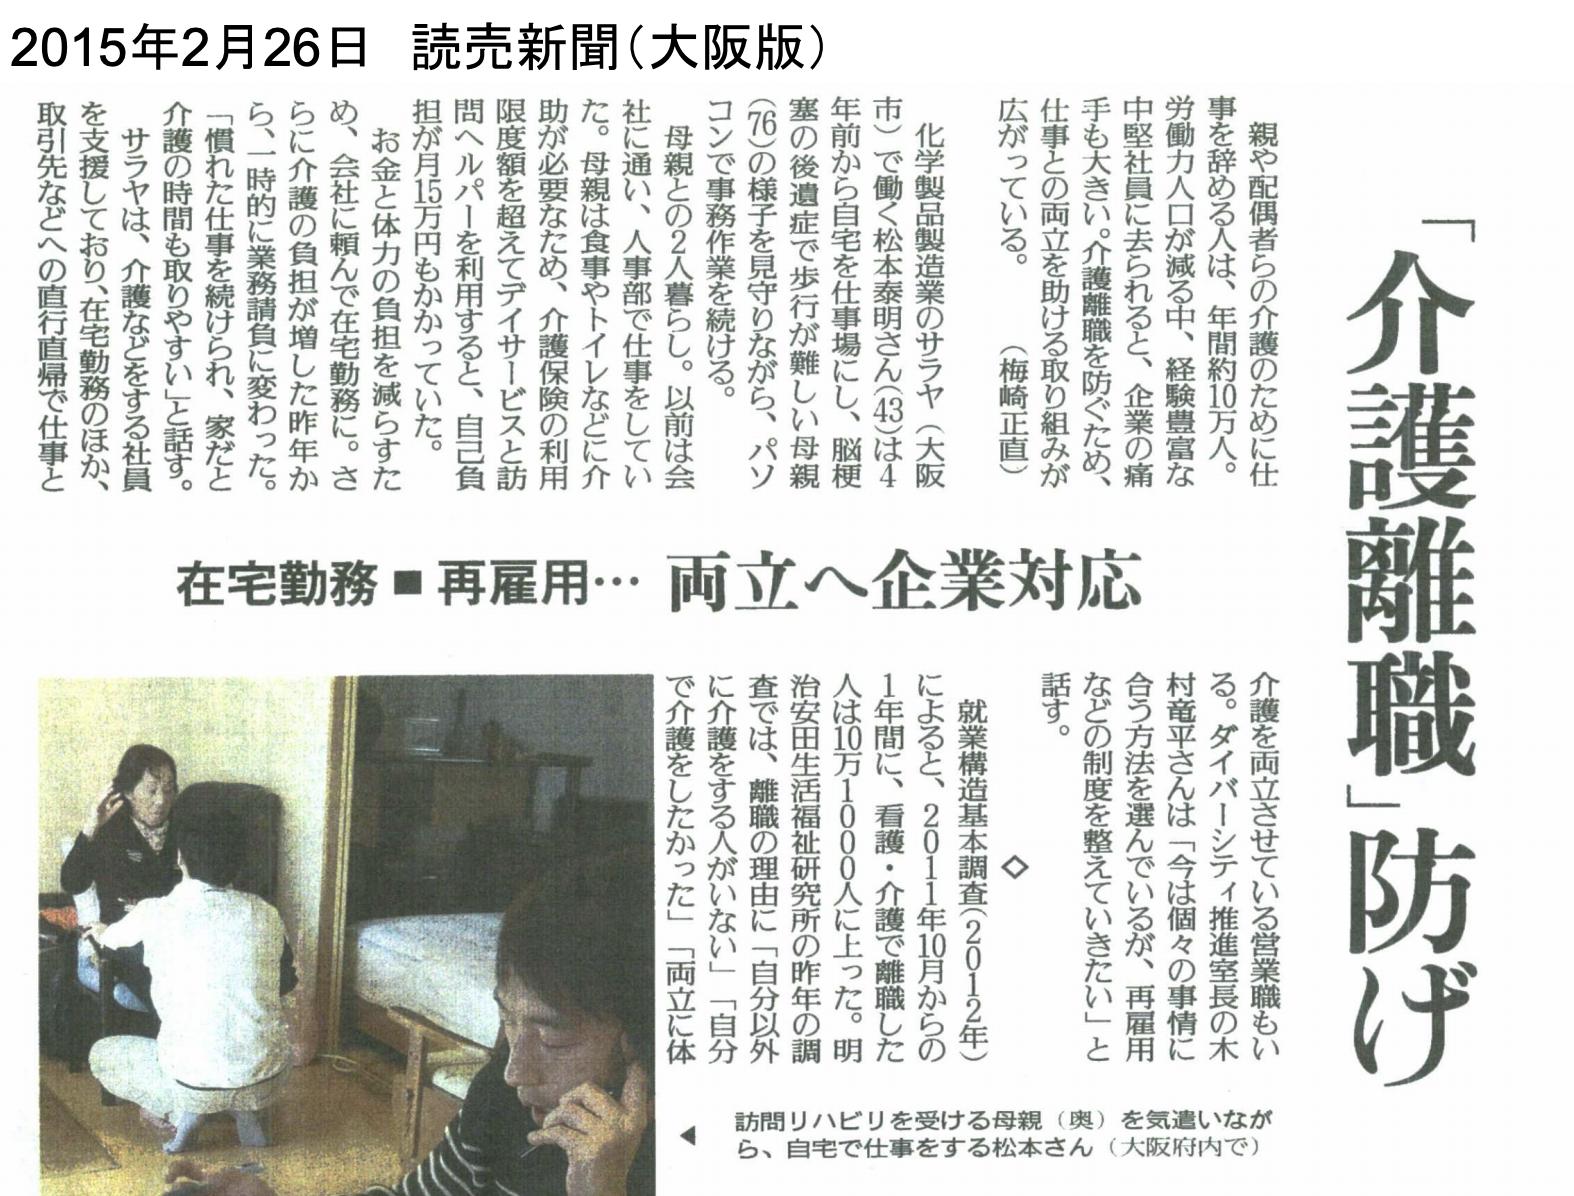 読売新聞『「介護離職」防げ』